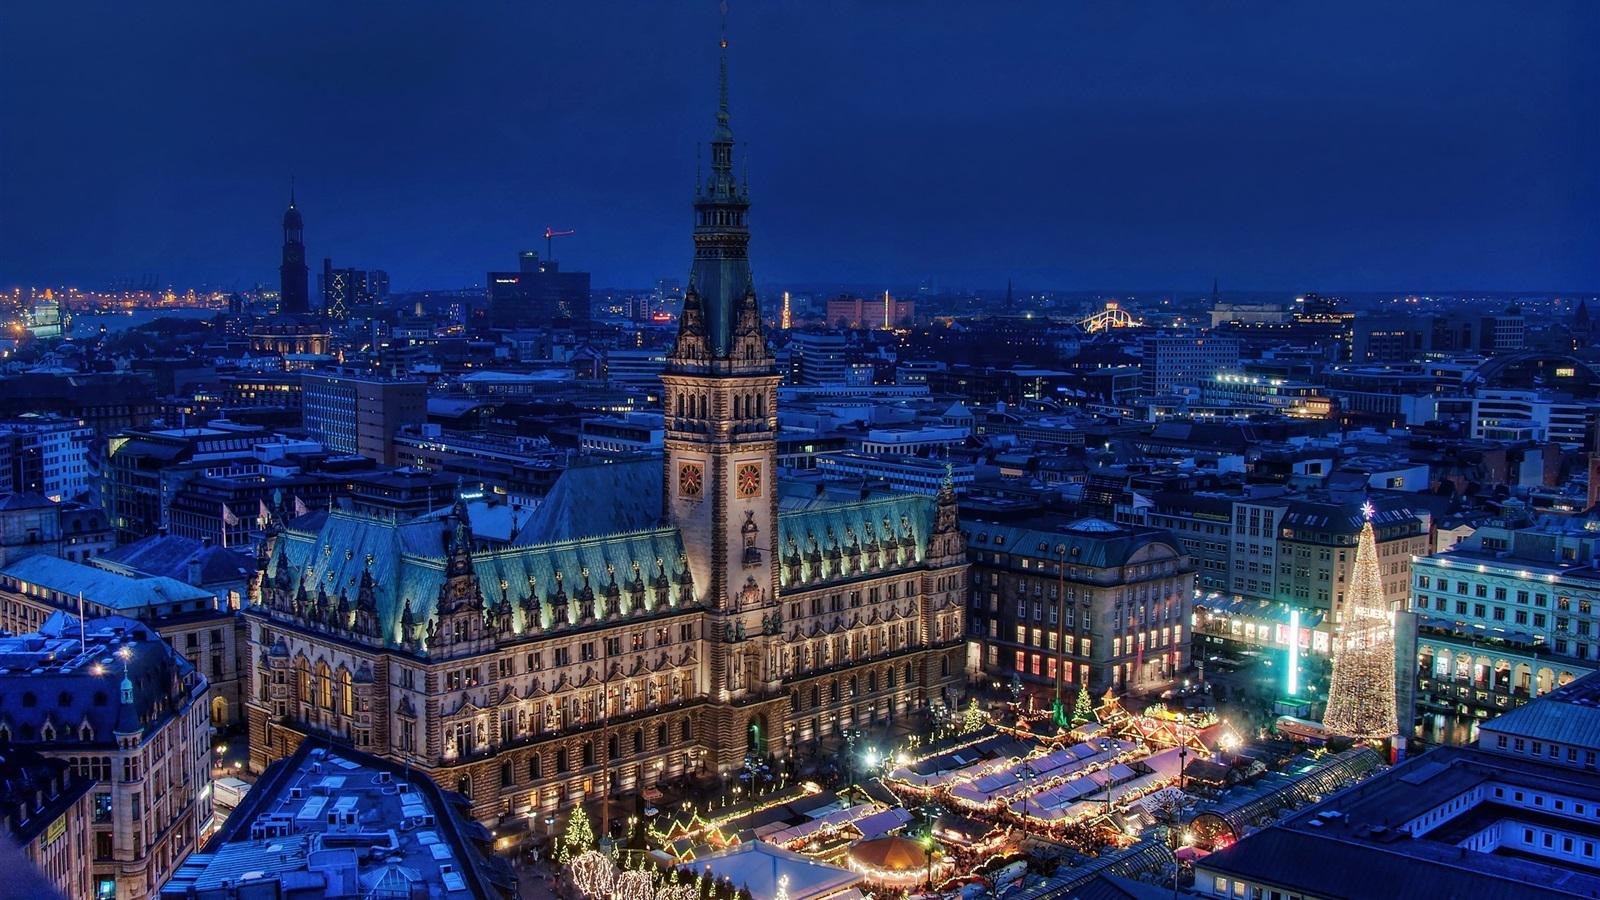 deutschland hamburg nacht skyline stadt haus lichter 2560x1600 hd hintergrundbilder hd bild. Black Bedroom Furniture Sets. Home Design Ideas